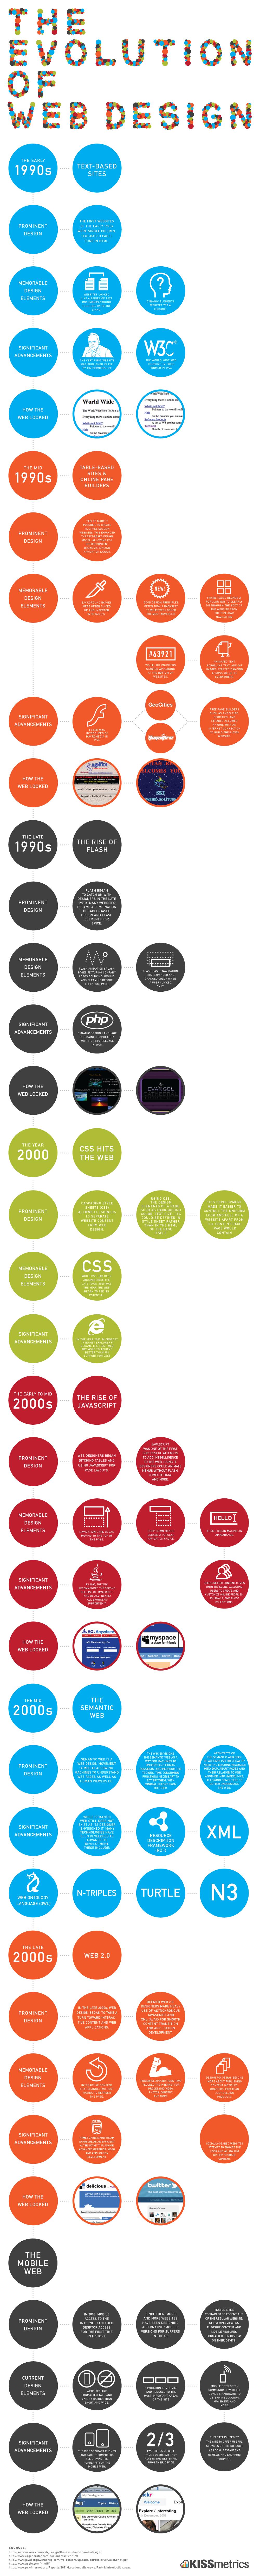 L'évolution du web design